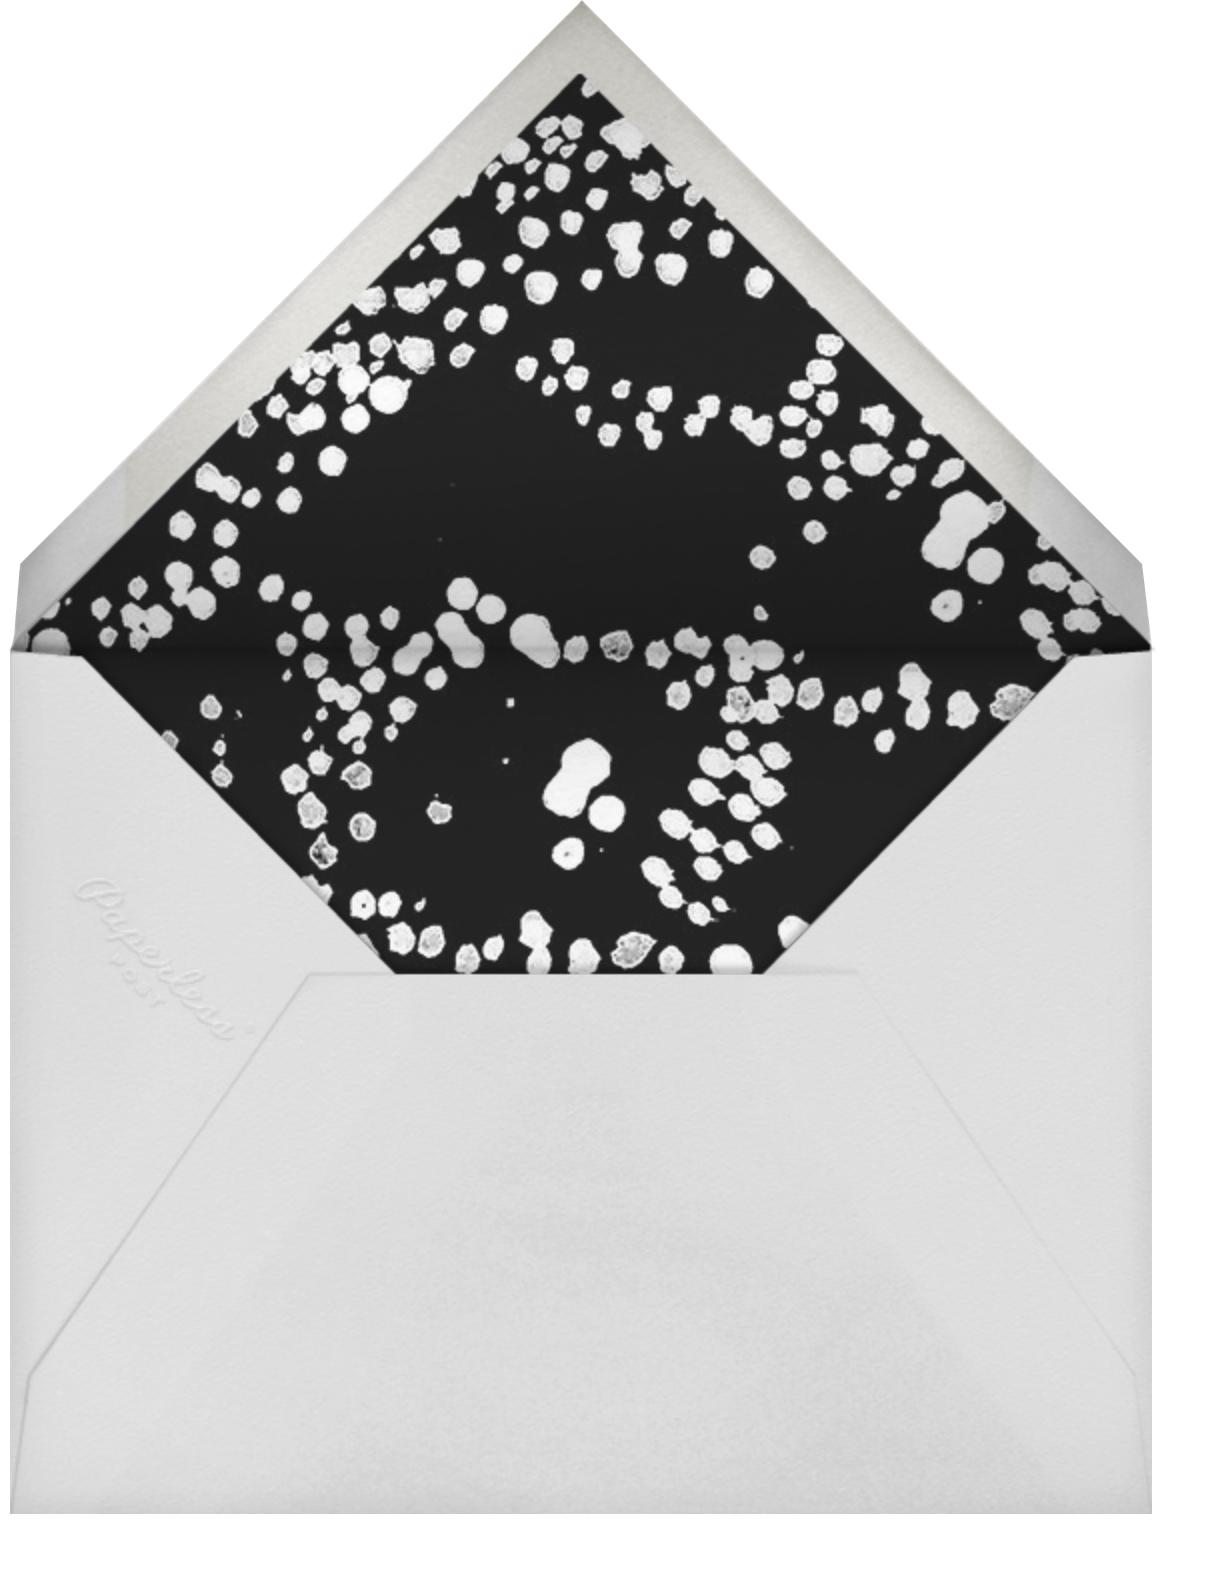 Evoke (Tall) - White/Silver - Kelly Wearstler - Cocktail party - envelope back